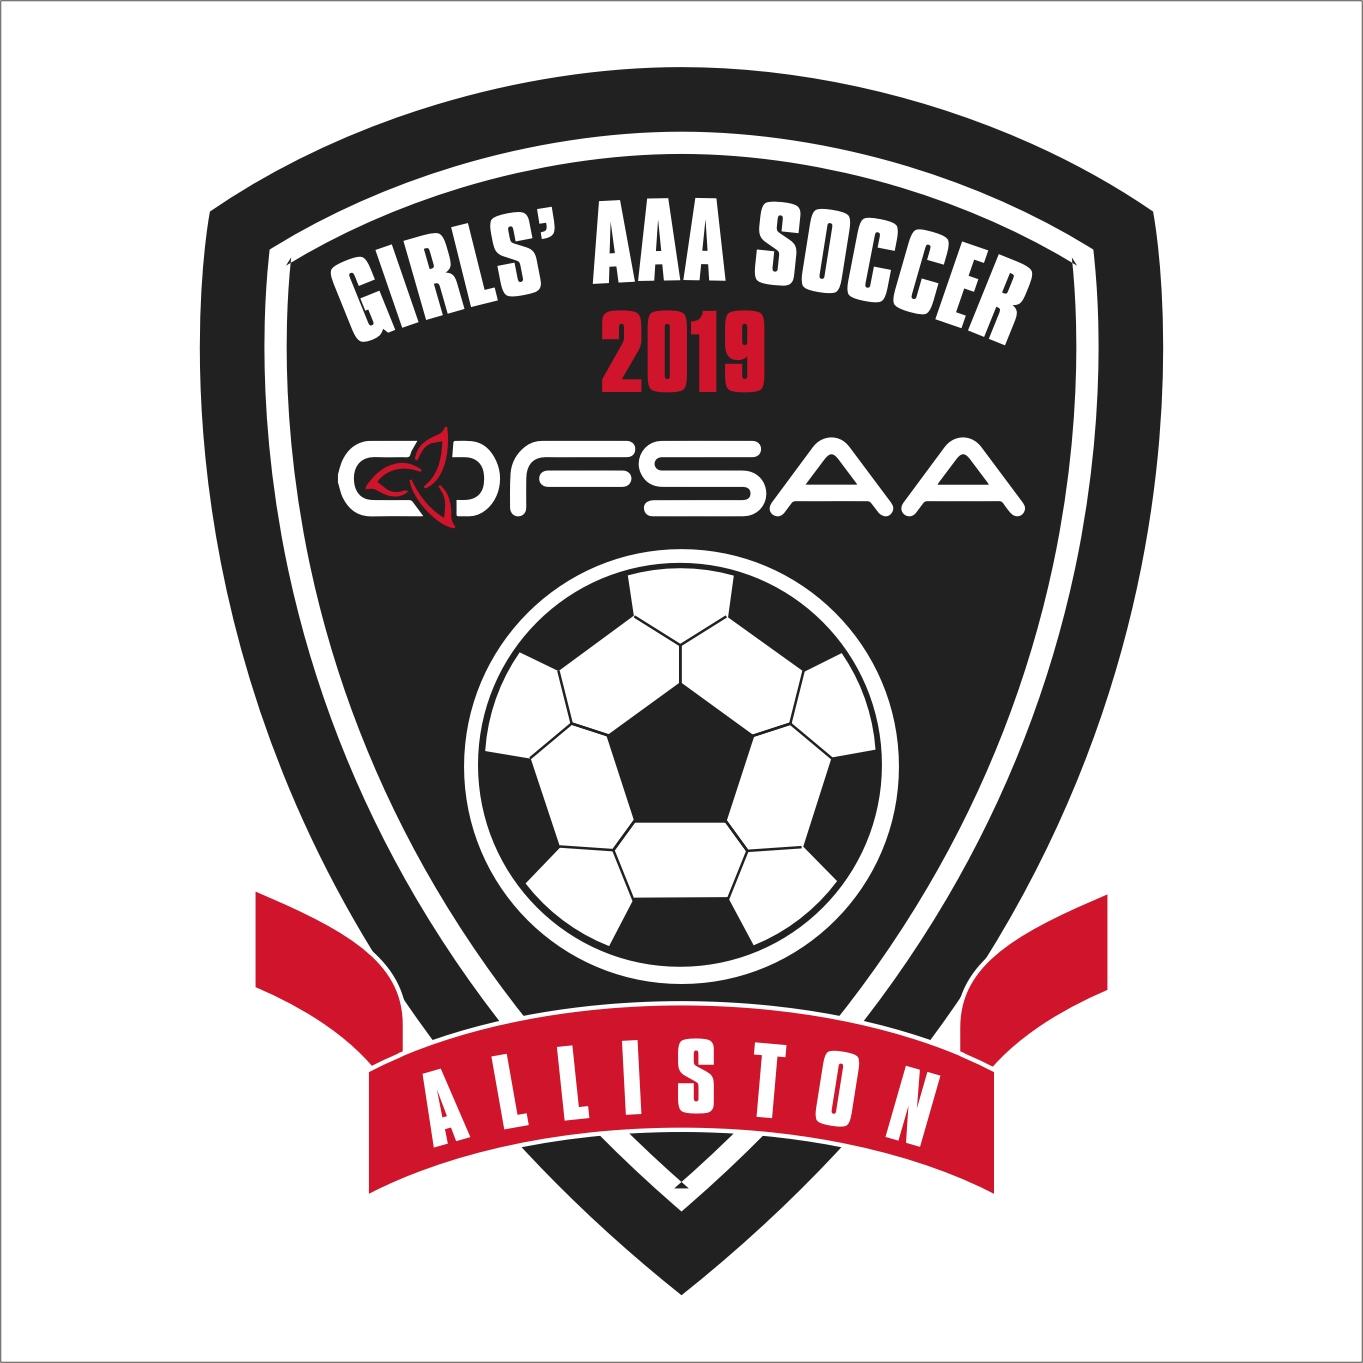 2019 Girls AAA Soccer logo white.jpg